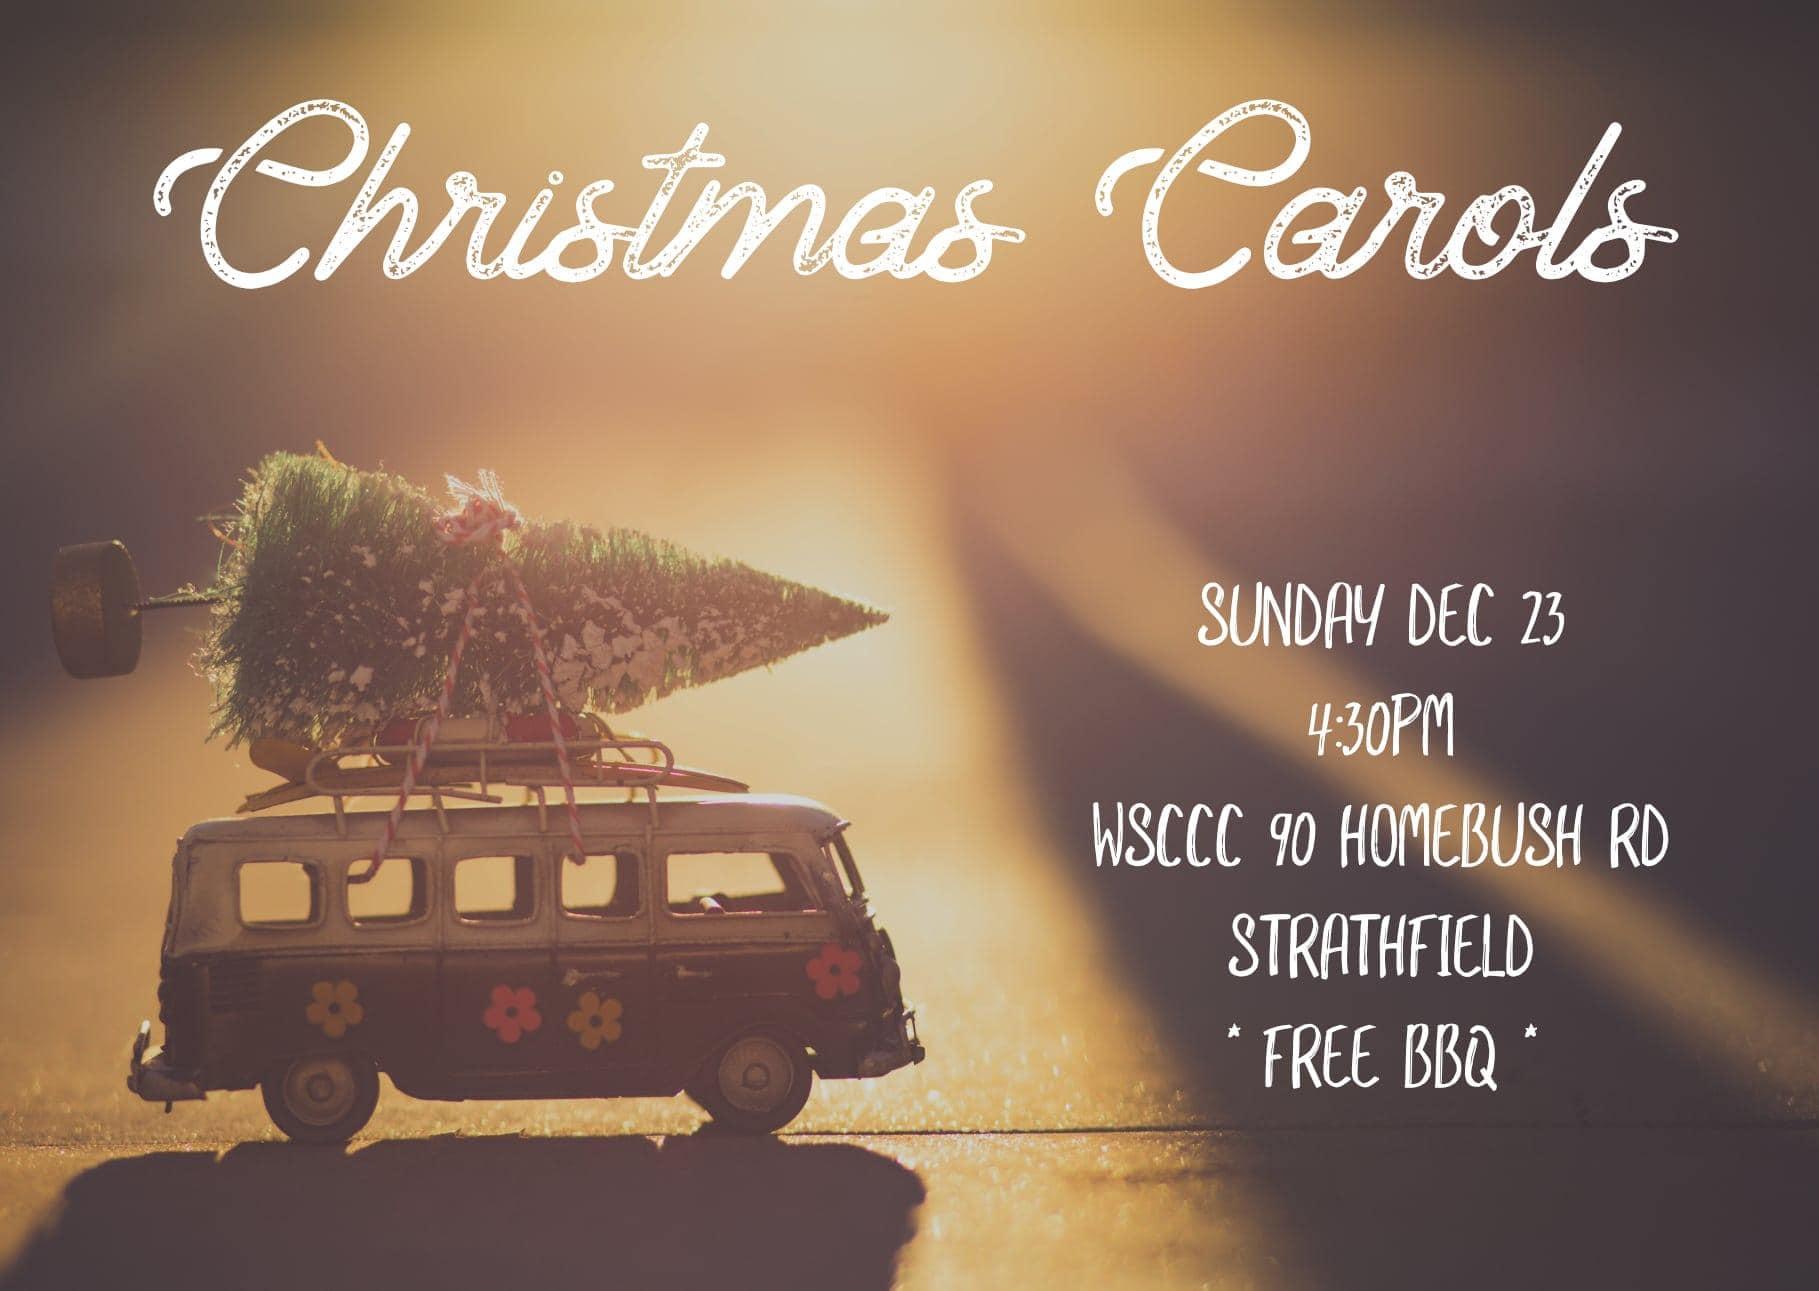 Christmas Carols & BBQ